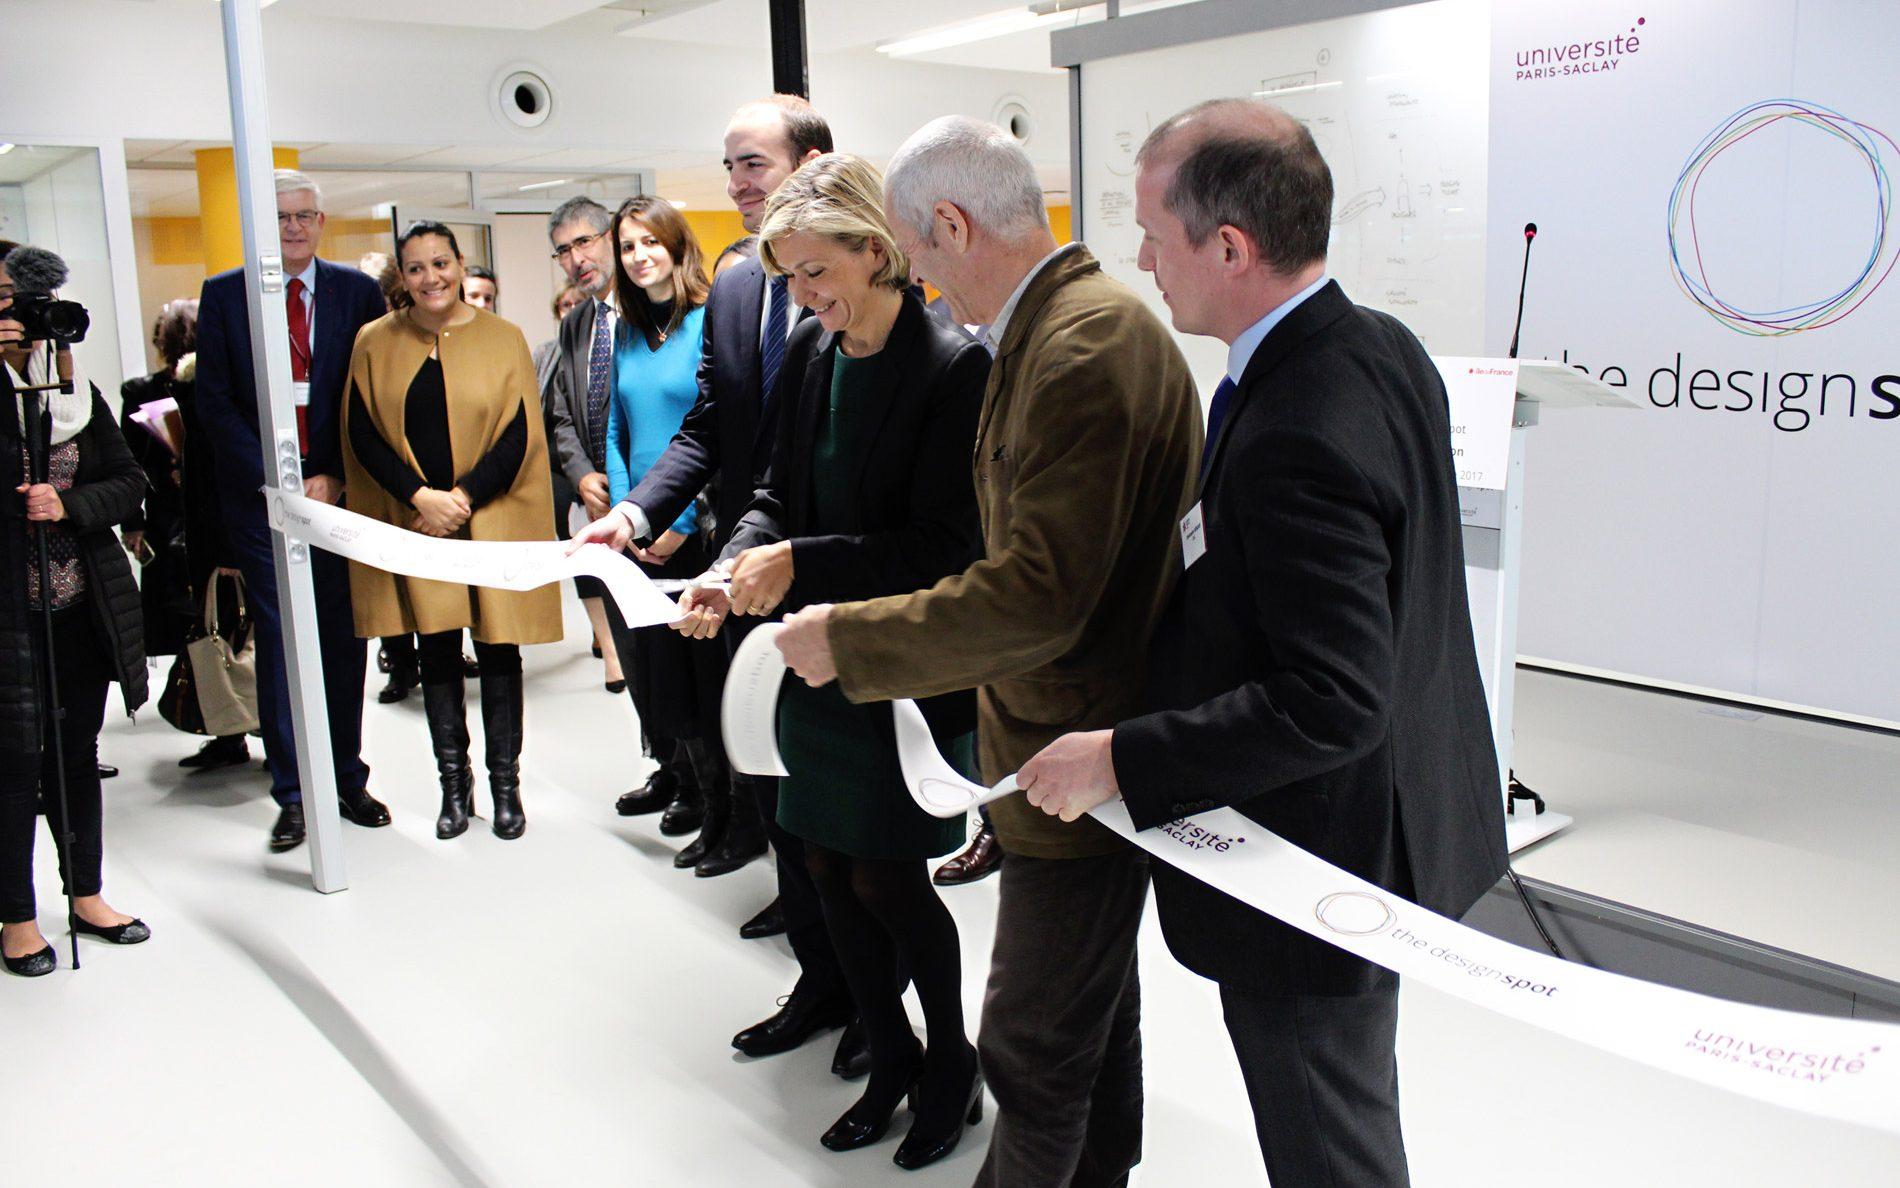 Inauguration du Design Spot : l'Université Paris-Saclay dévoile son centre de design